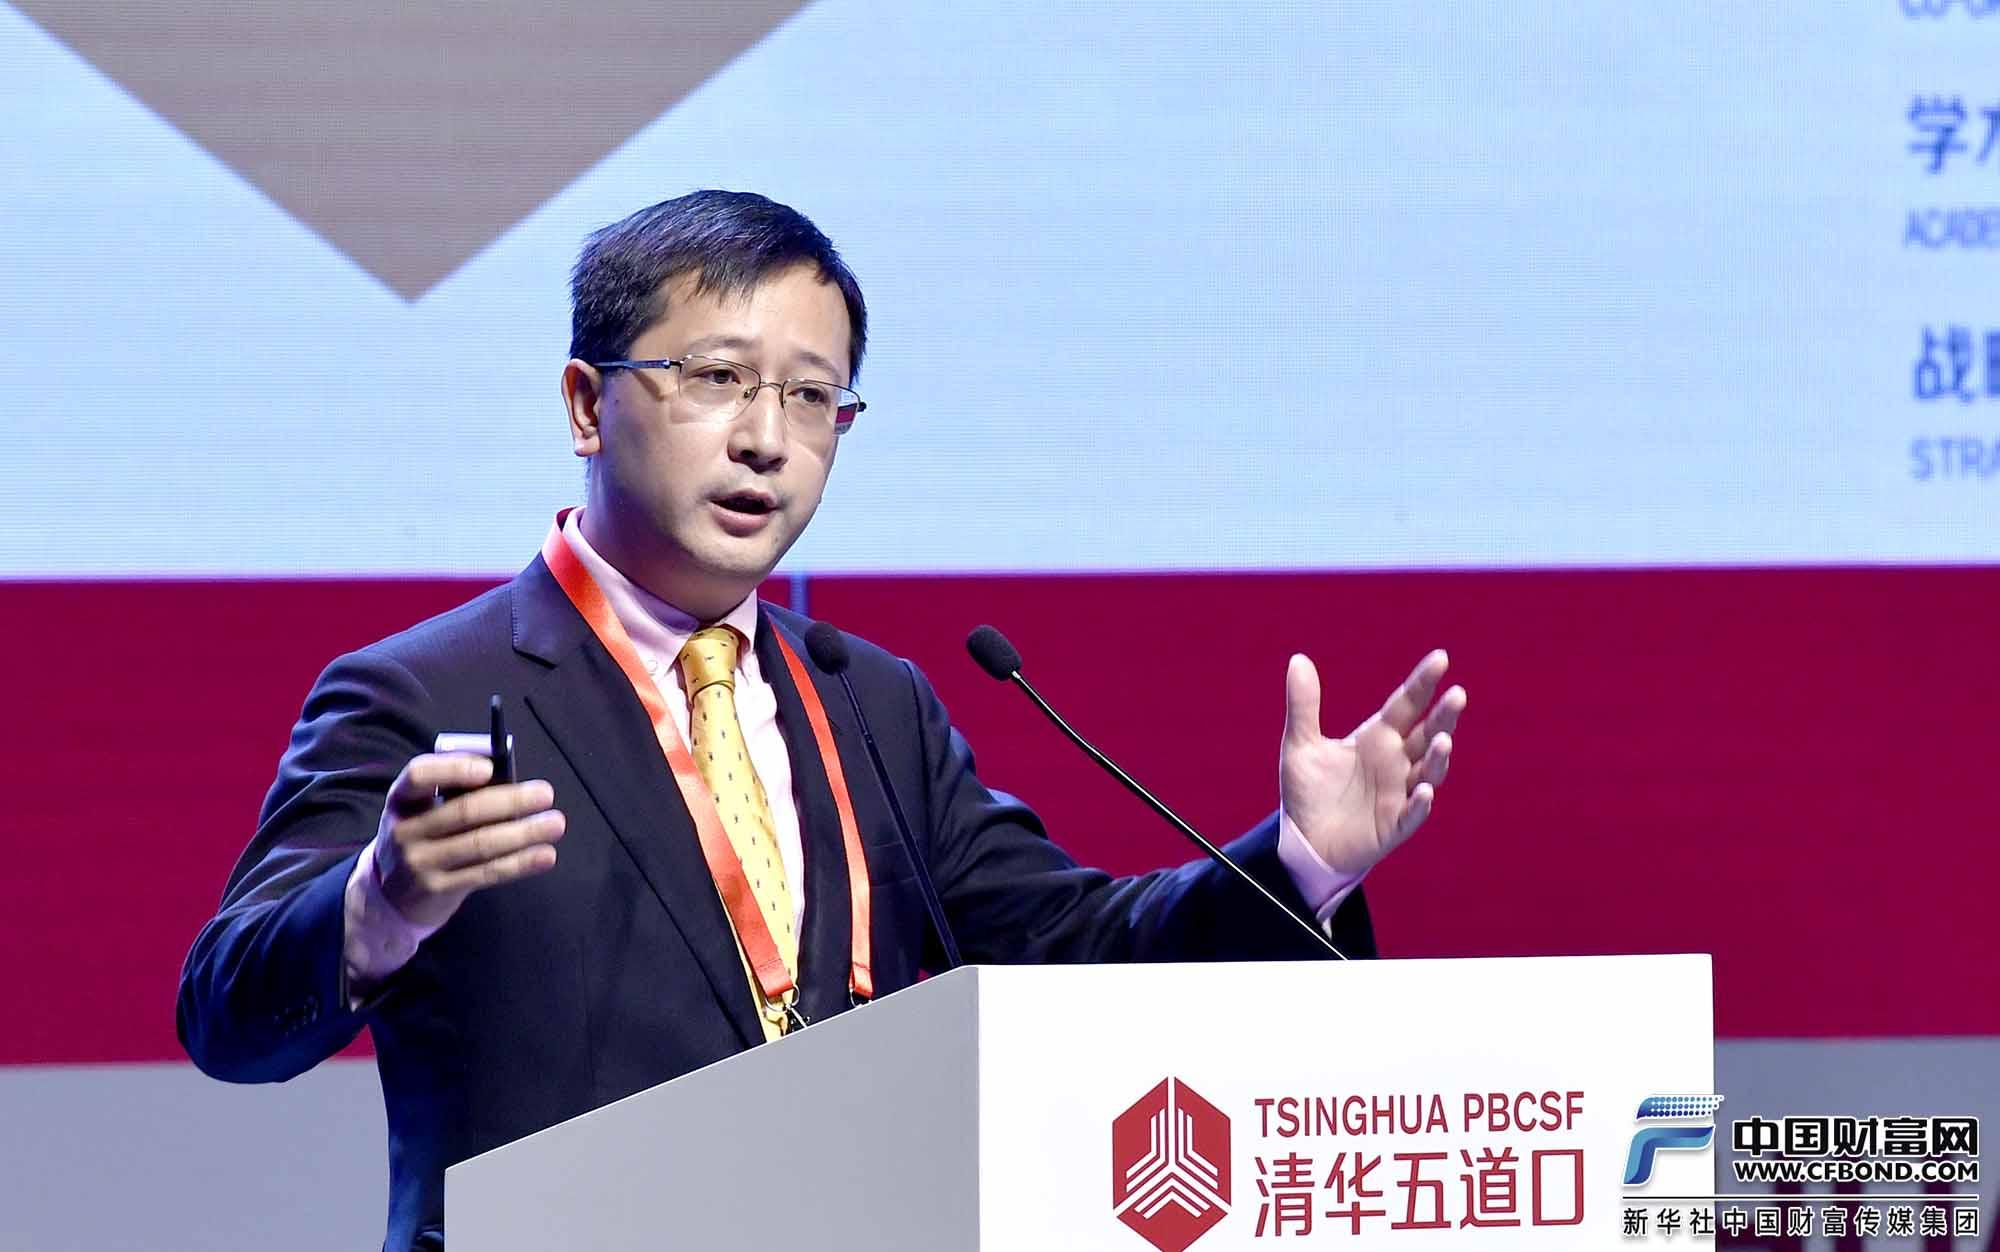 主题演讲:基构通创始人,上海基煜基金销售有限公司总裁王翔